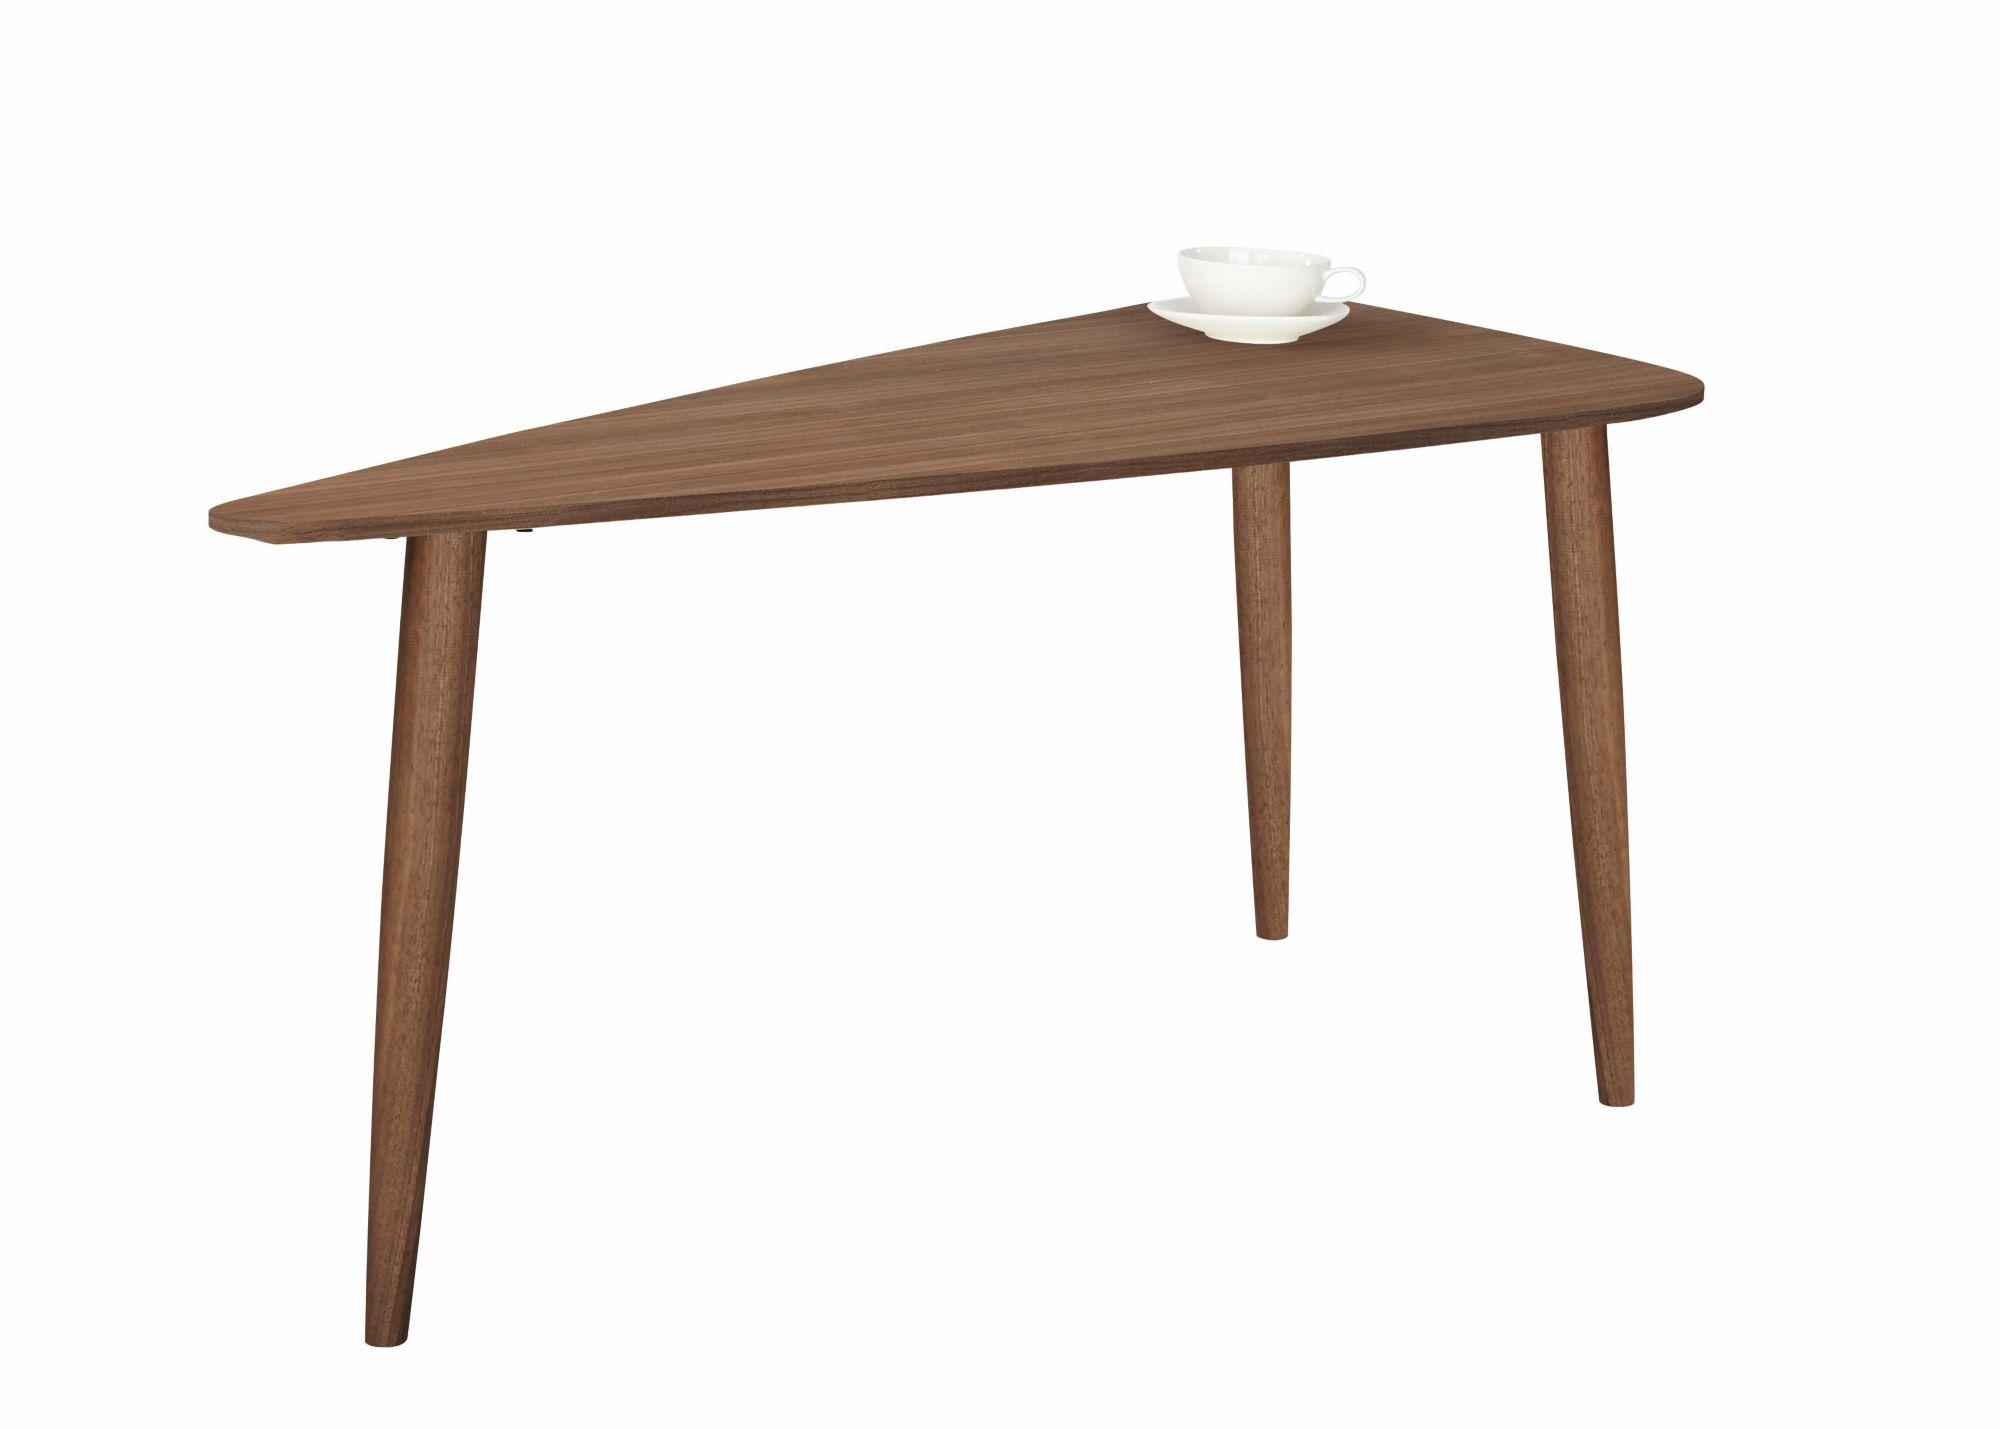 ANDAS andas Couchtisch »Jib« walnut massiv, mit segelförmiger Tischplatte in zwei Höhen